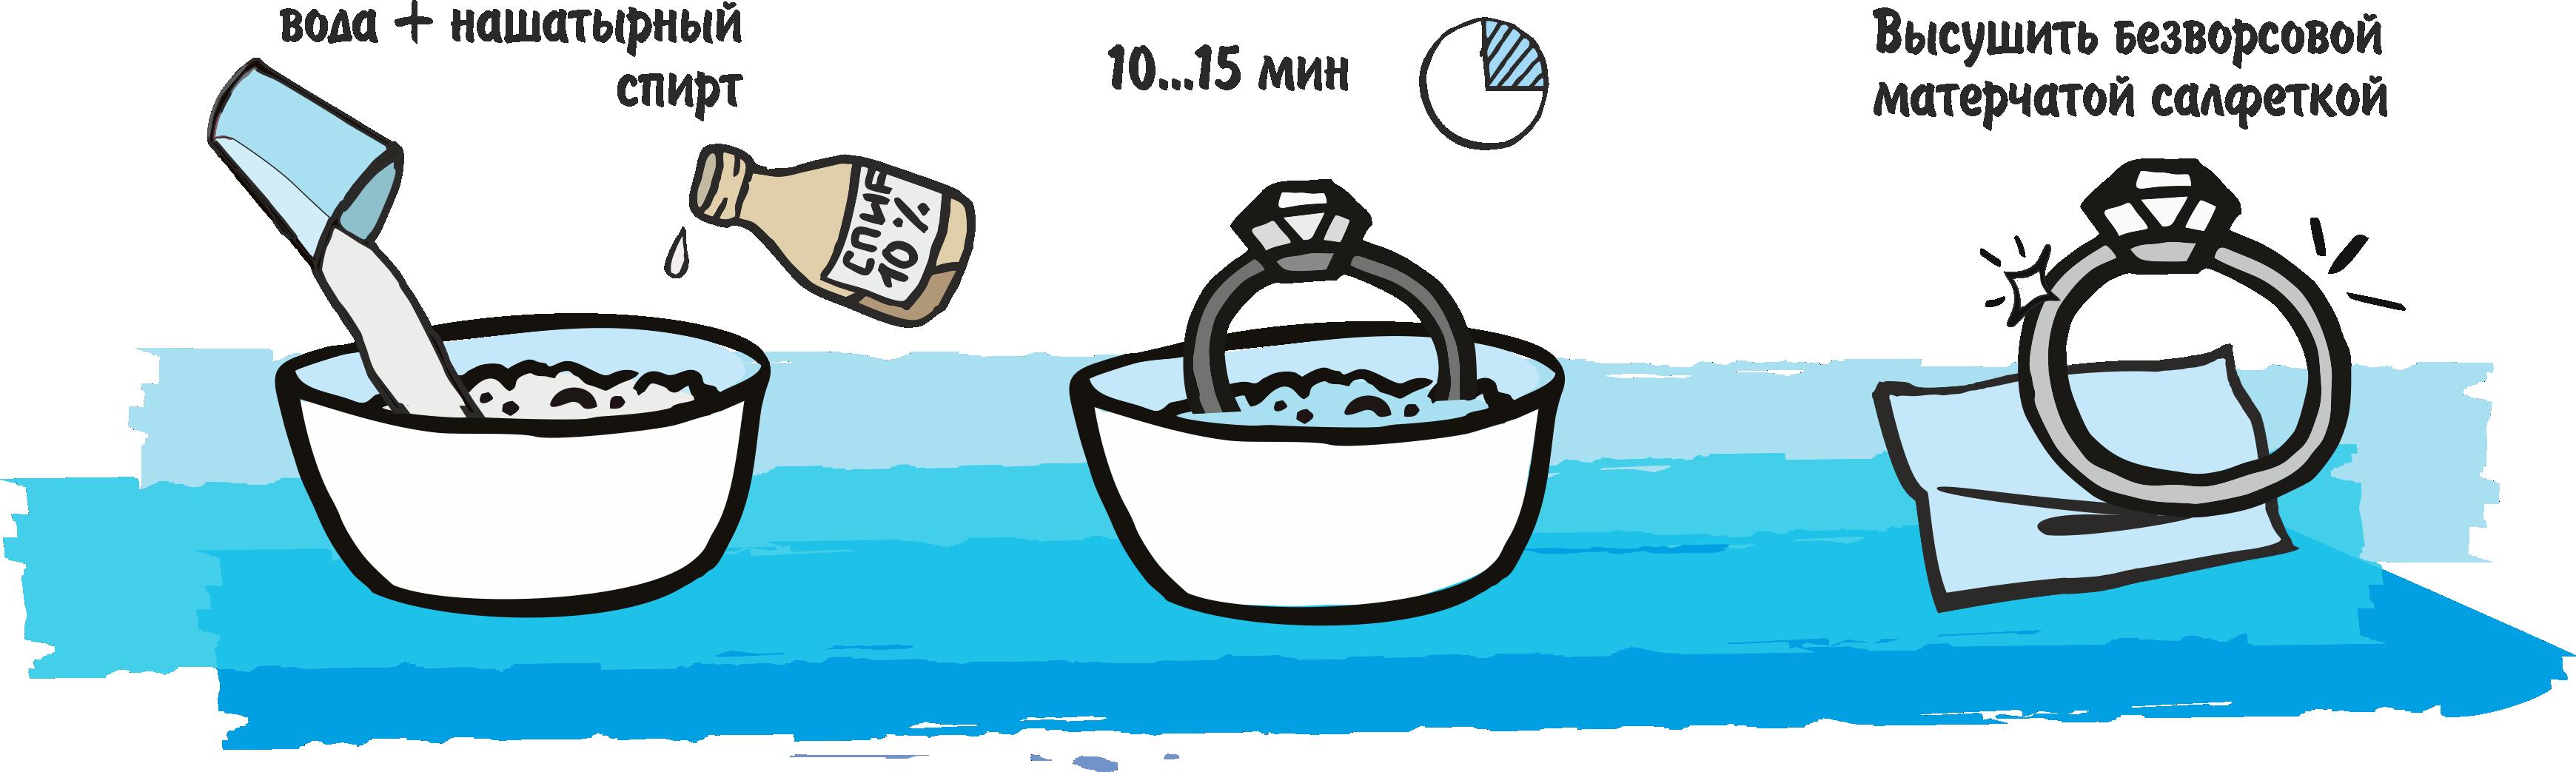 Чистка серебра в домашних условиях нашатырным спиртом и перекисью водорода